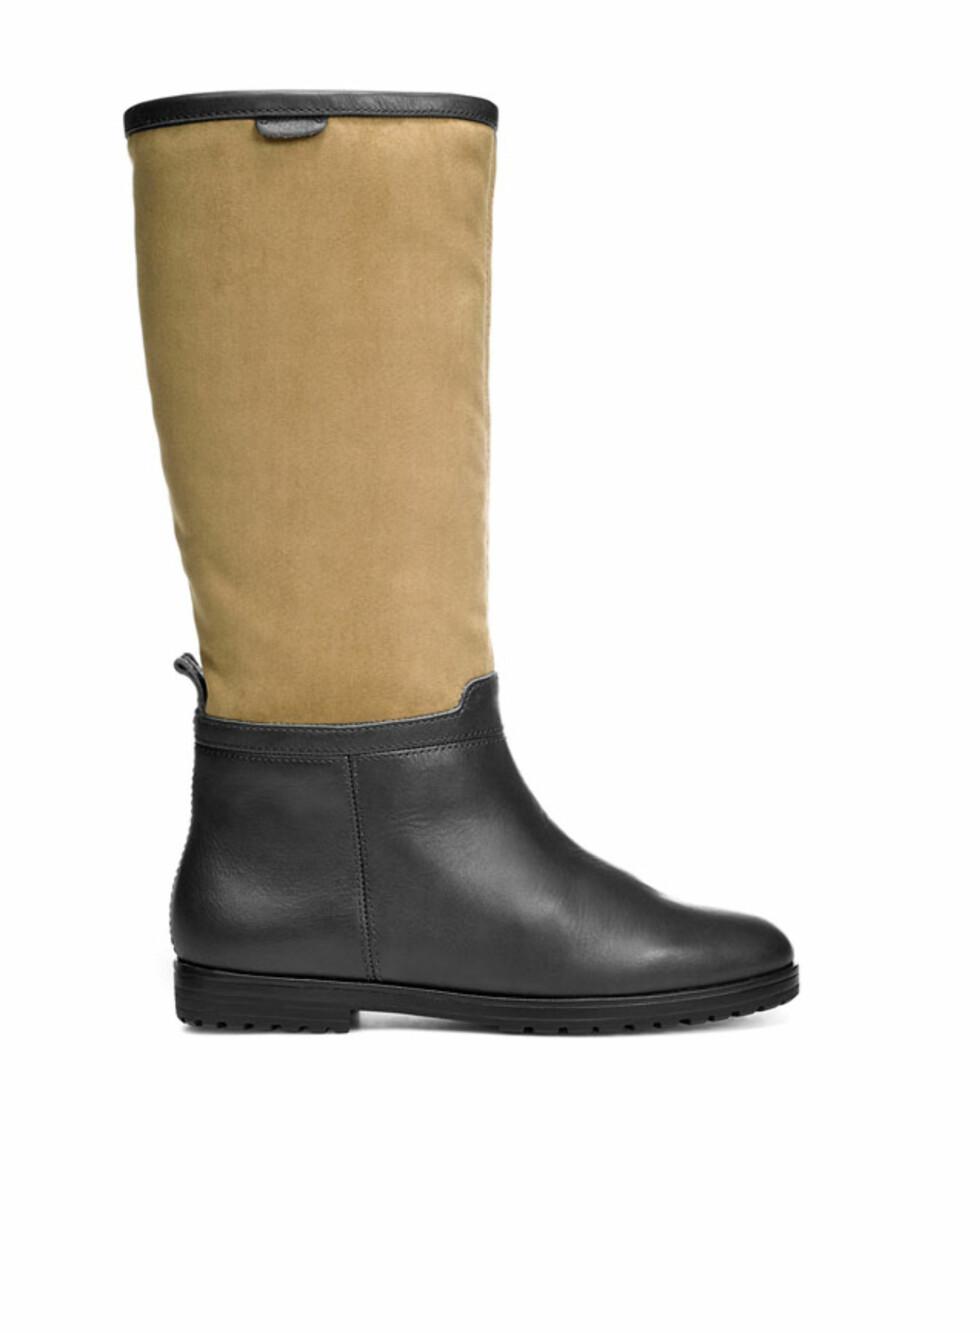 Elegant støvlett i to farger. 799 kroner fra Zara.no Foto: Produsenten